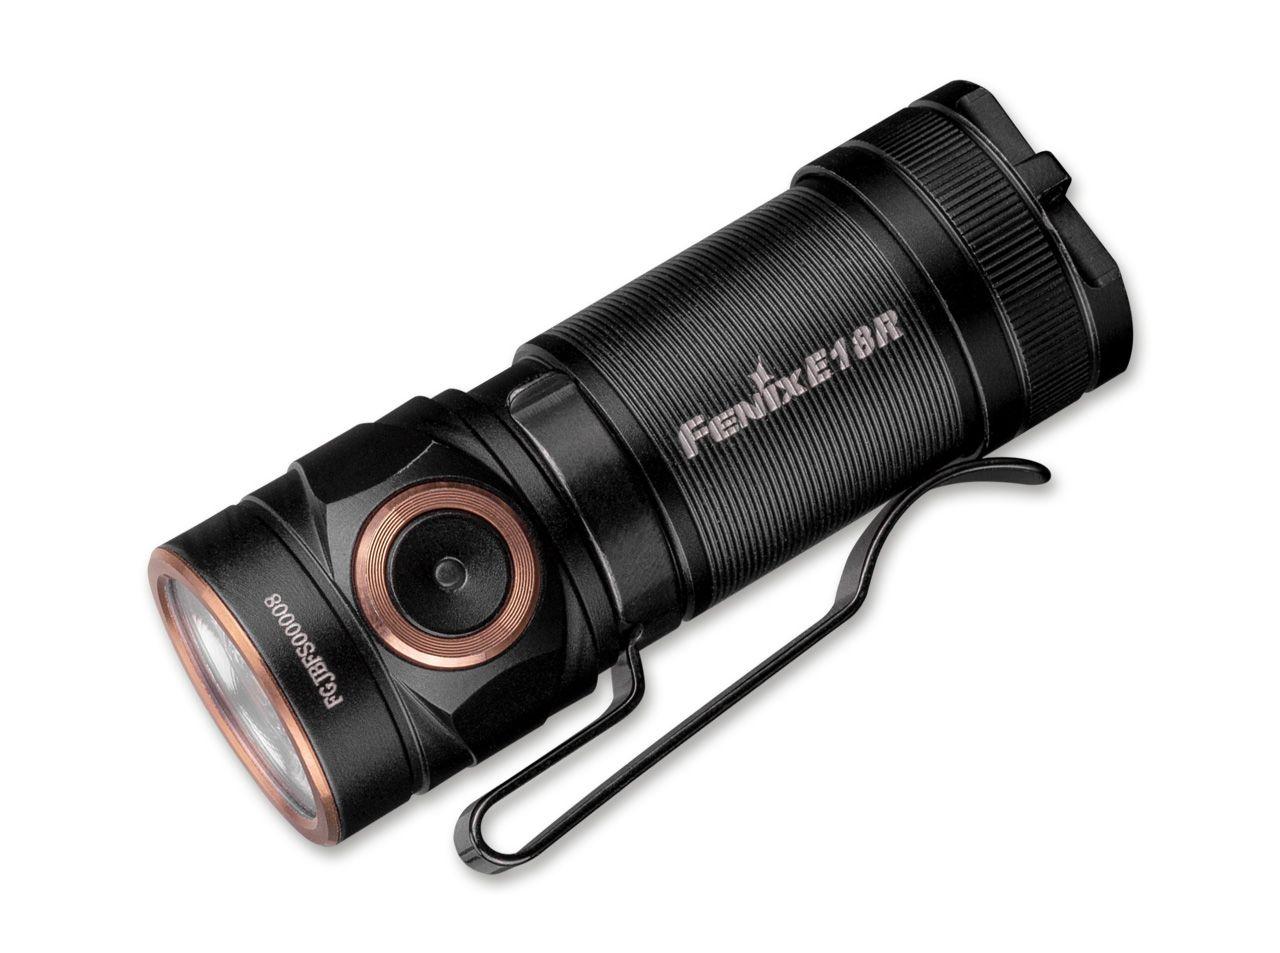 Taschenlampe E18R